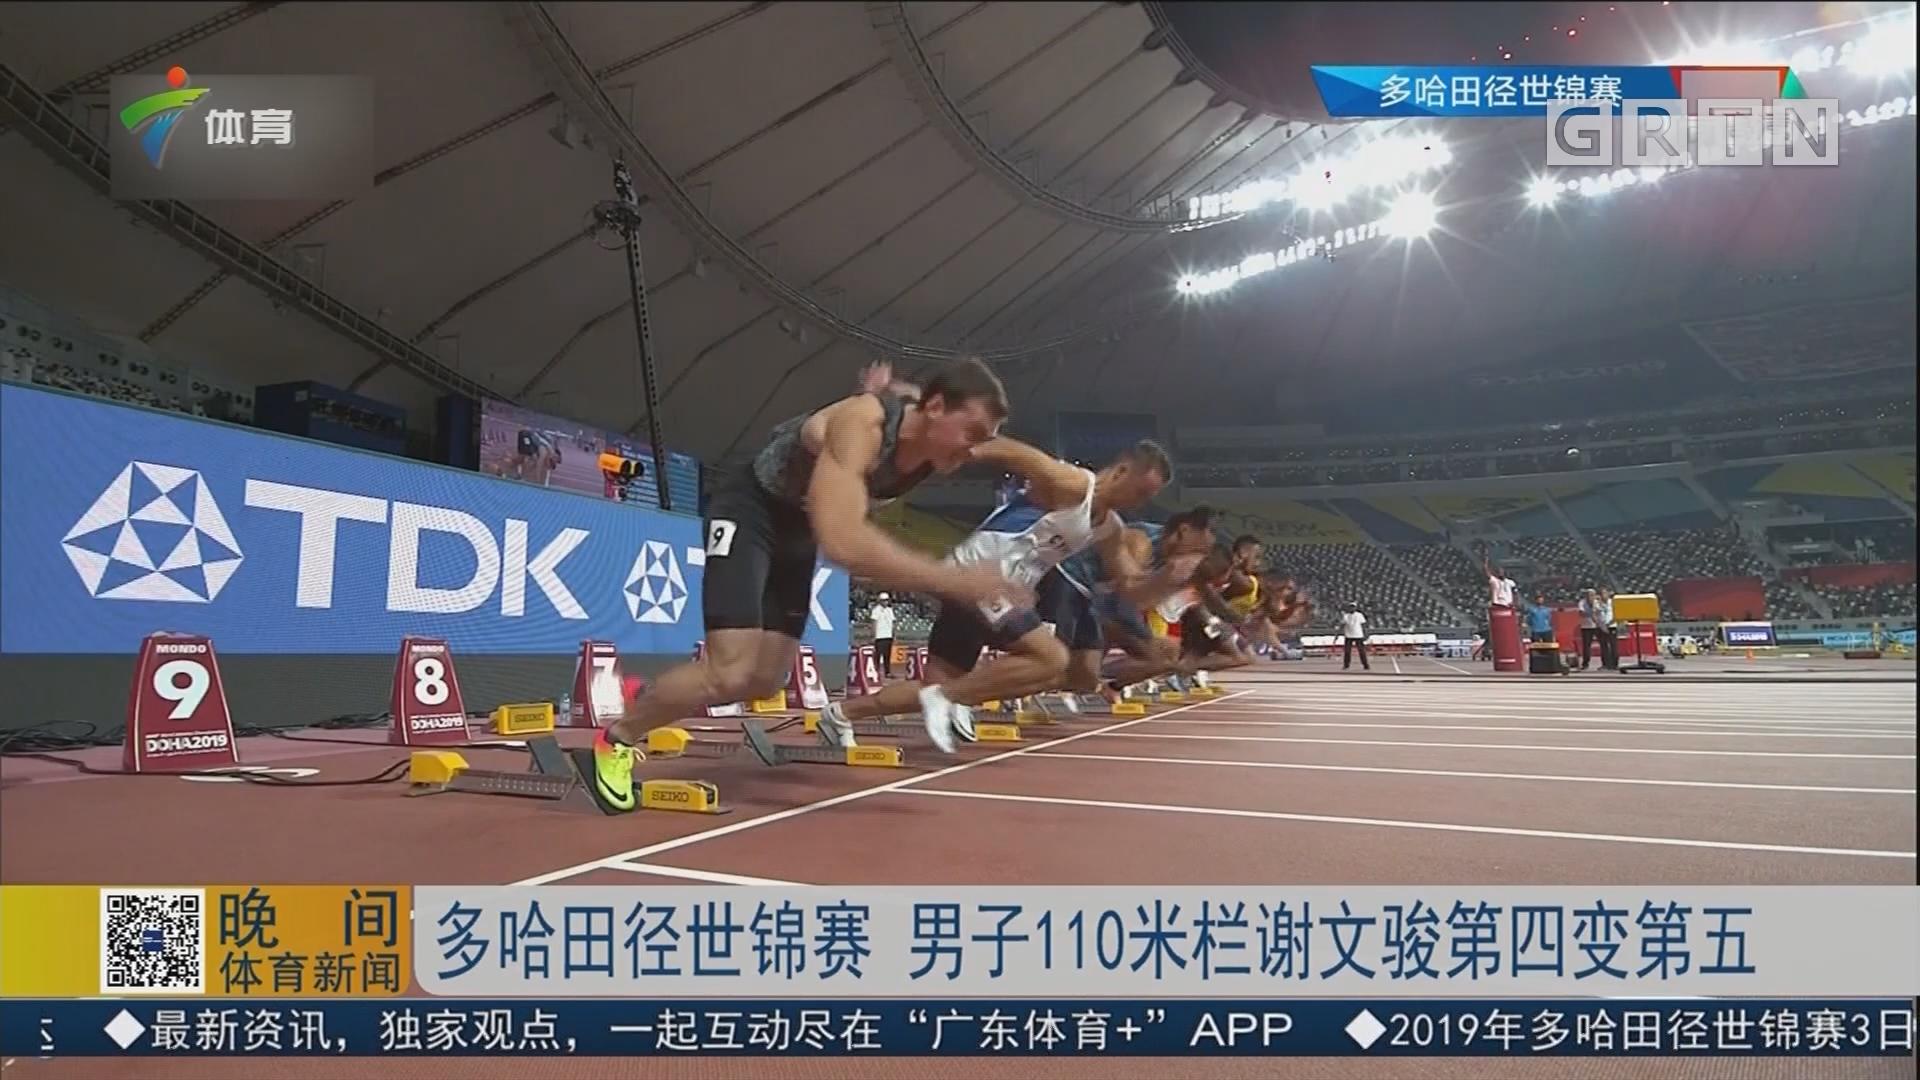 多哈田徑世錦賽 男子110米欄謝文駿第四變第五